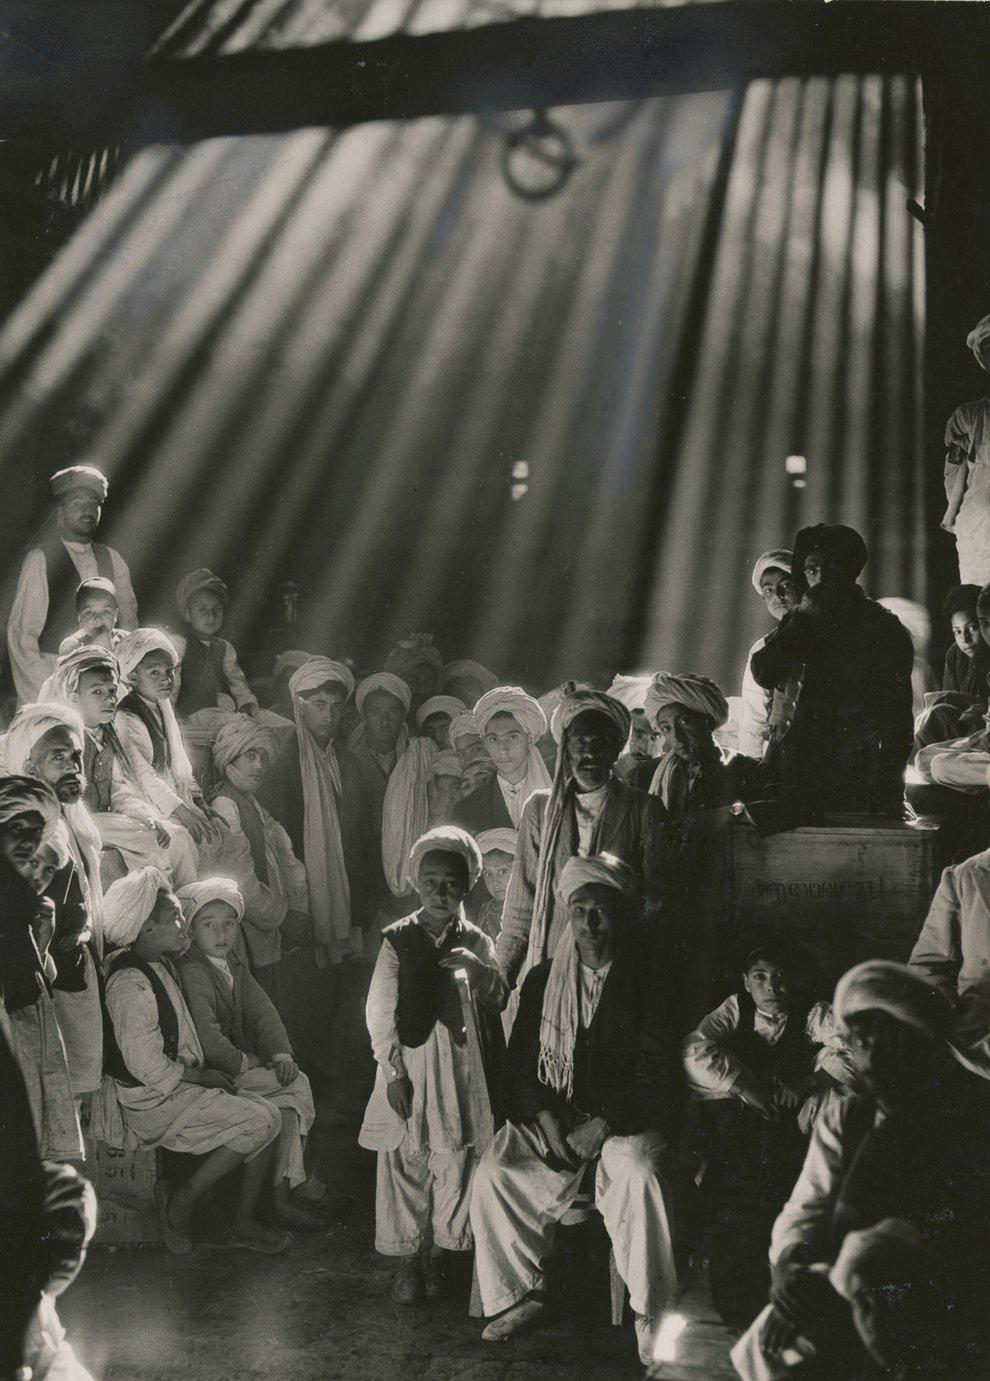 Легендарный фотокорреспондент журнала Мейнард Оуэн Уильямс снял эту фотографию на базаре в  Герате, Афганистан